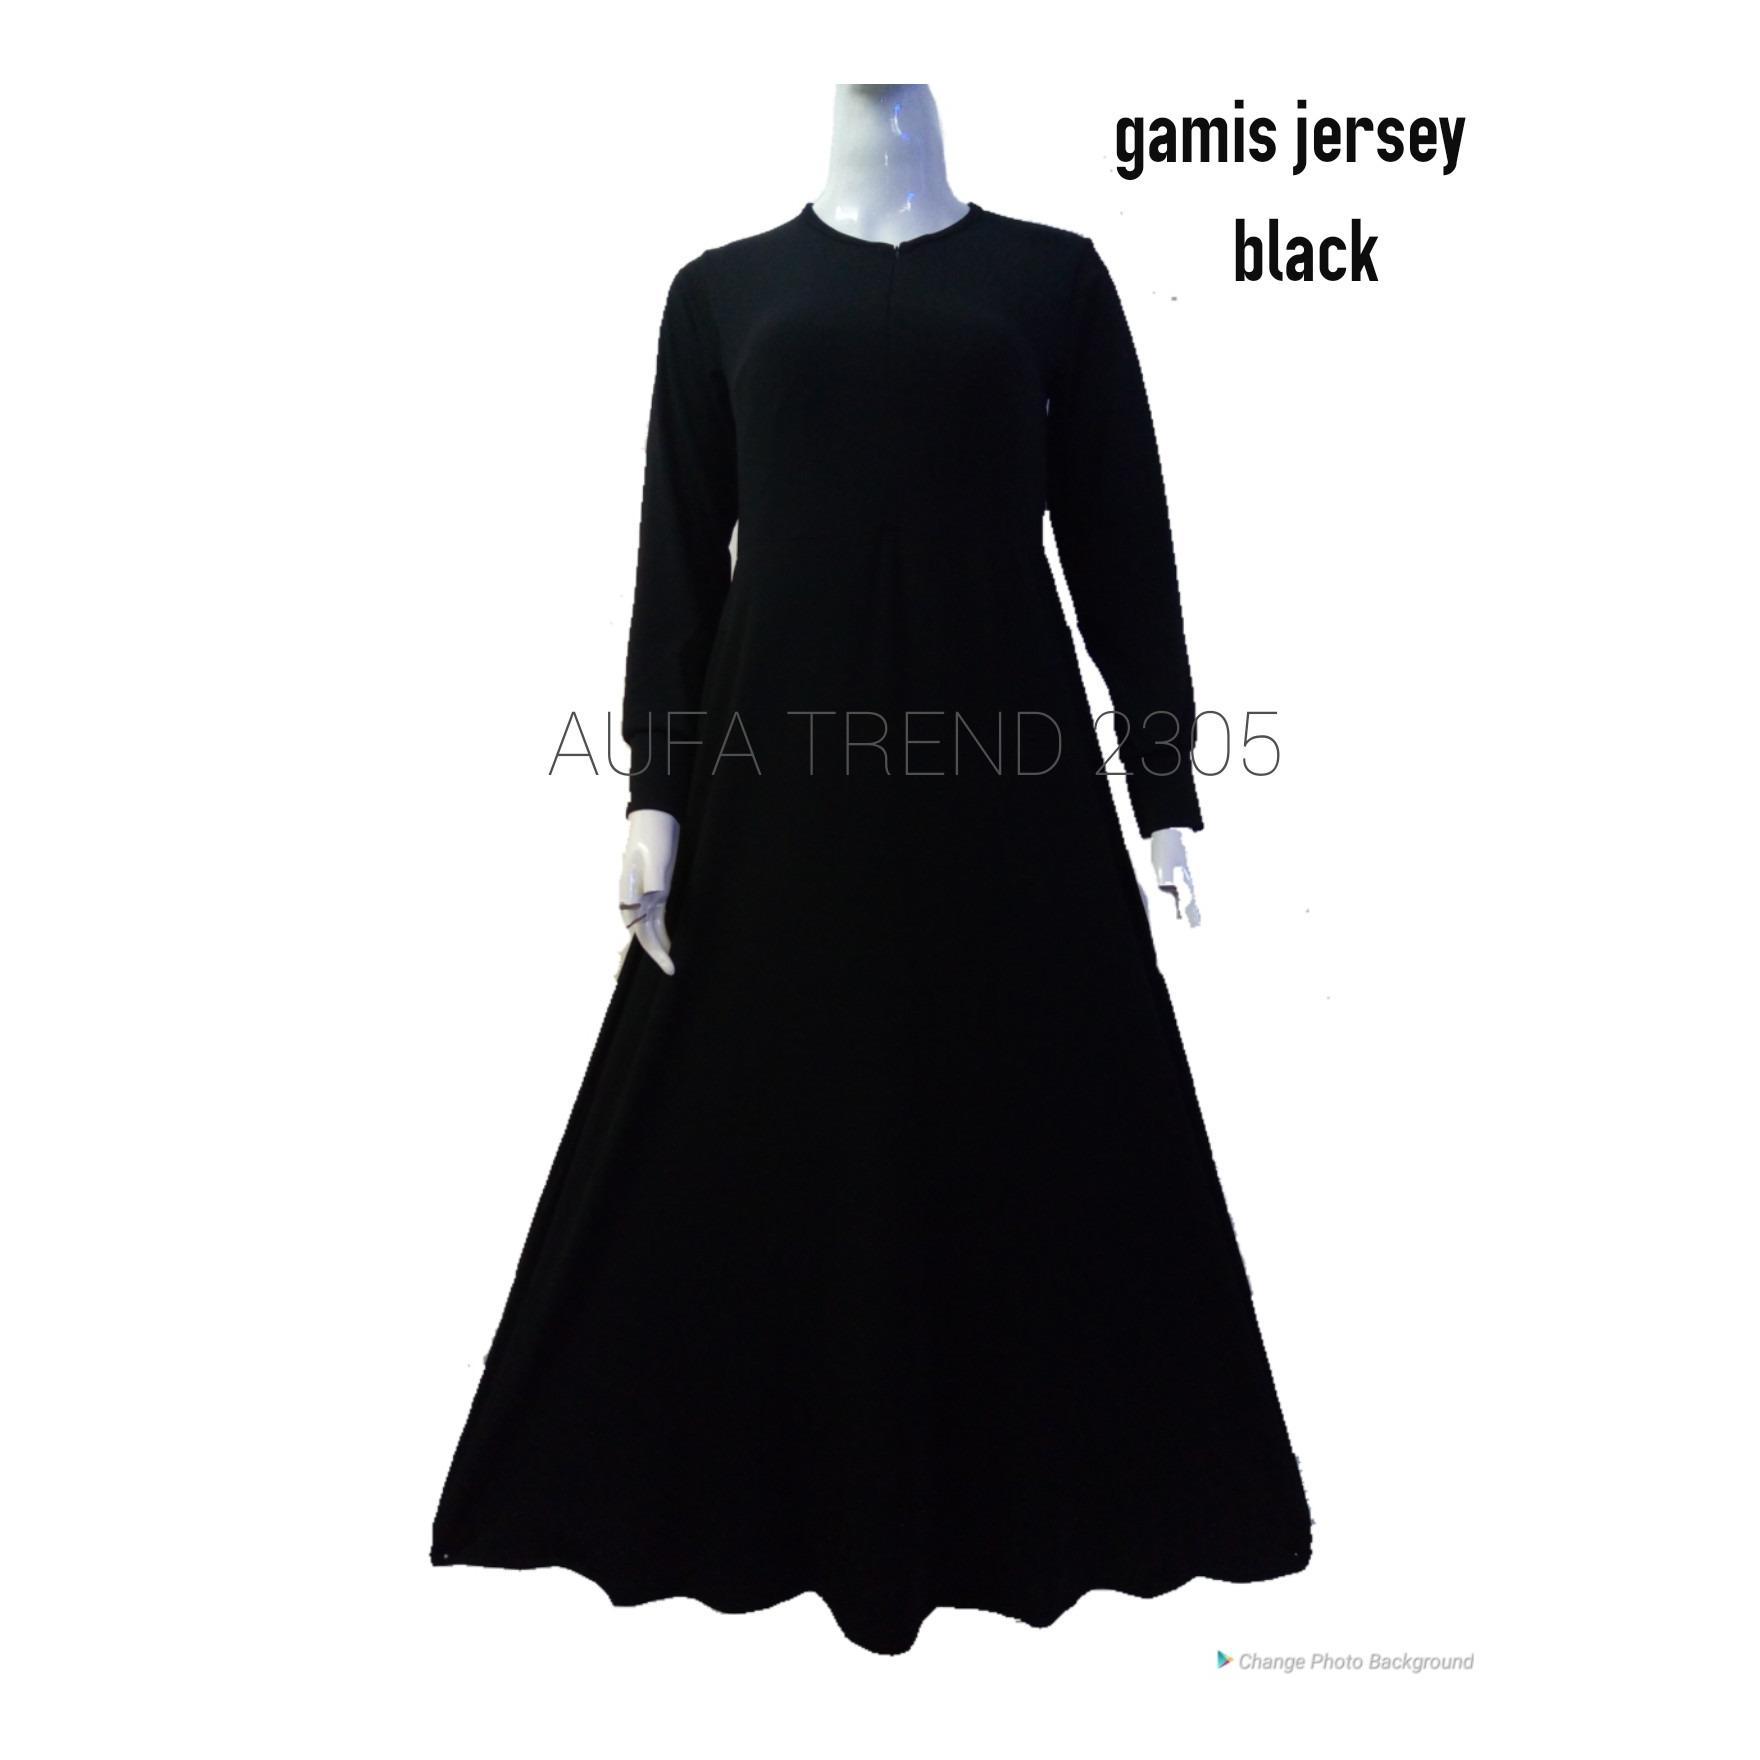 Harga Termurah Baju Gamis Wanita Baju Gamis Syari Baju Gamis Jersey Polos Baju Gamis Maxi Dress Bagus Dan Murah